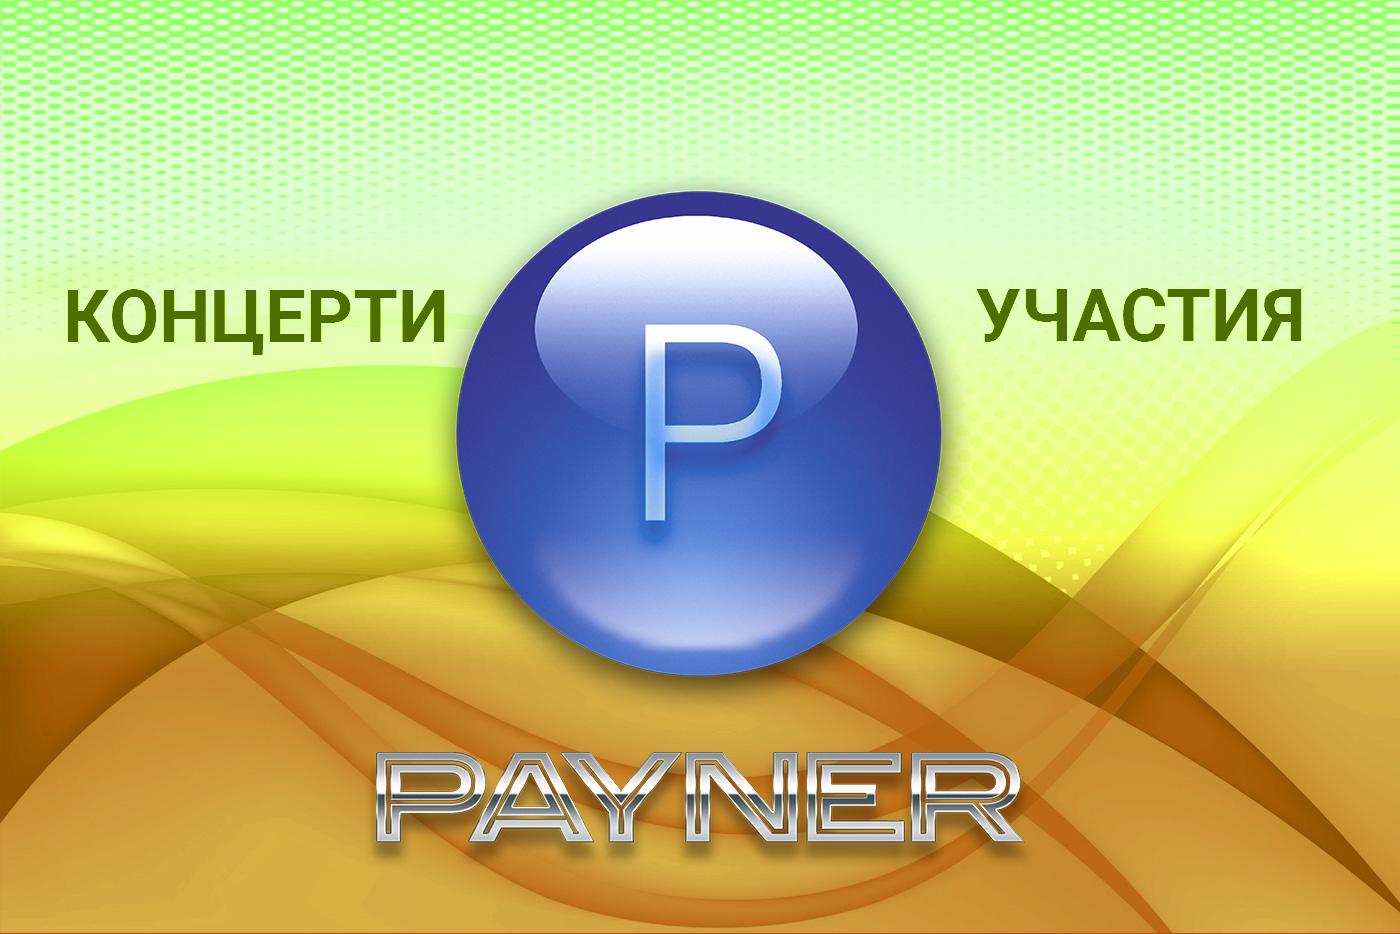 """Участия на звездите на """"Пайнер"""" на 18.08.2019"""